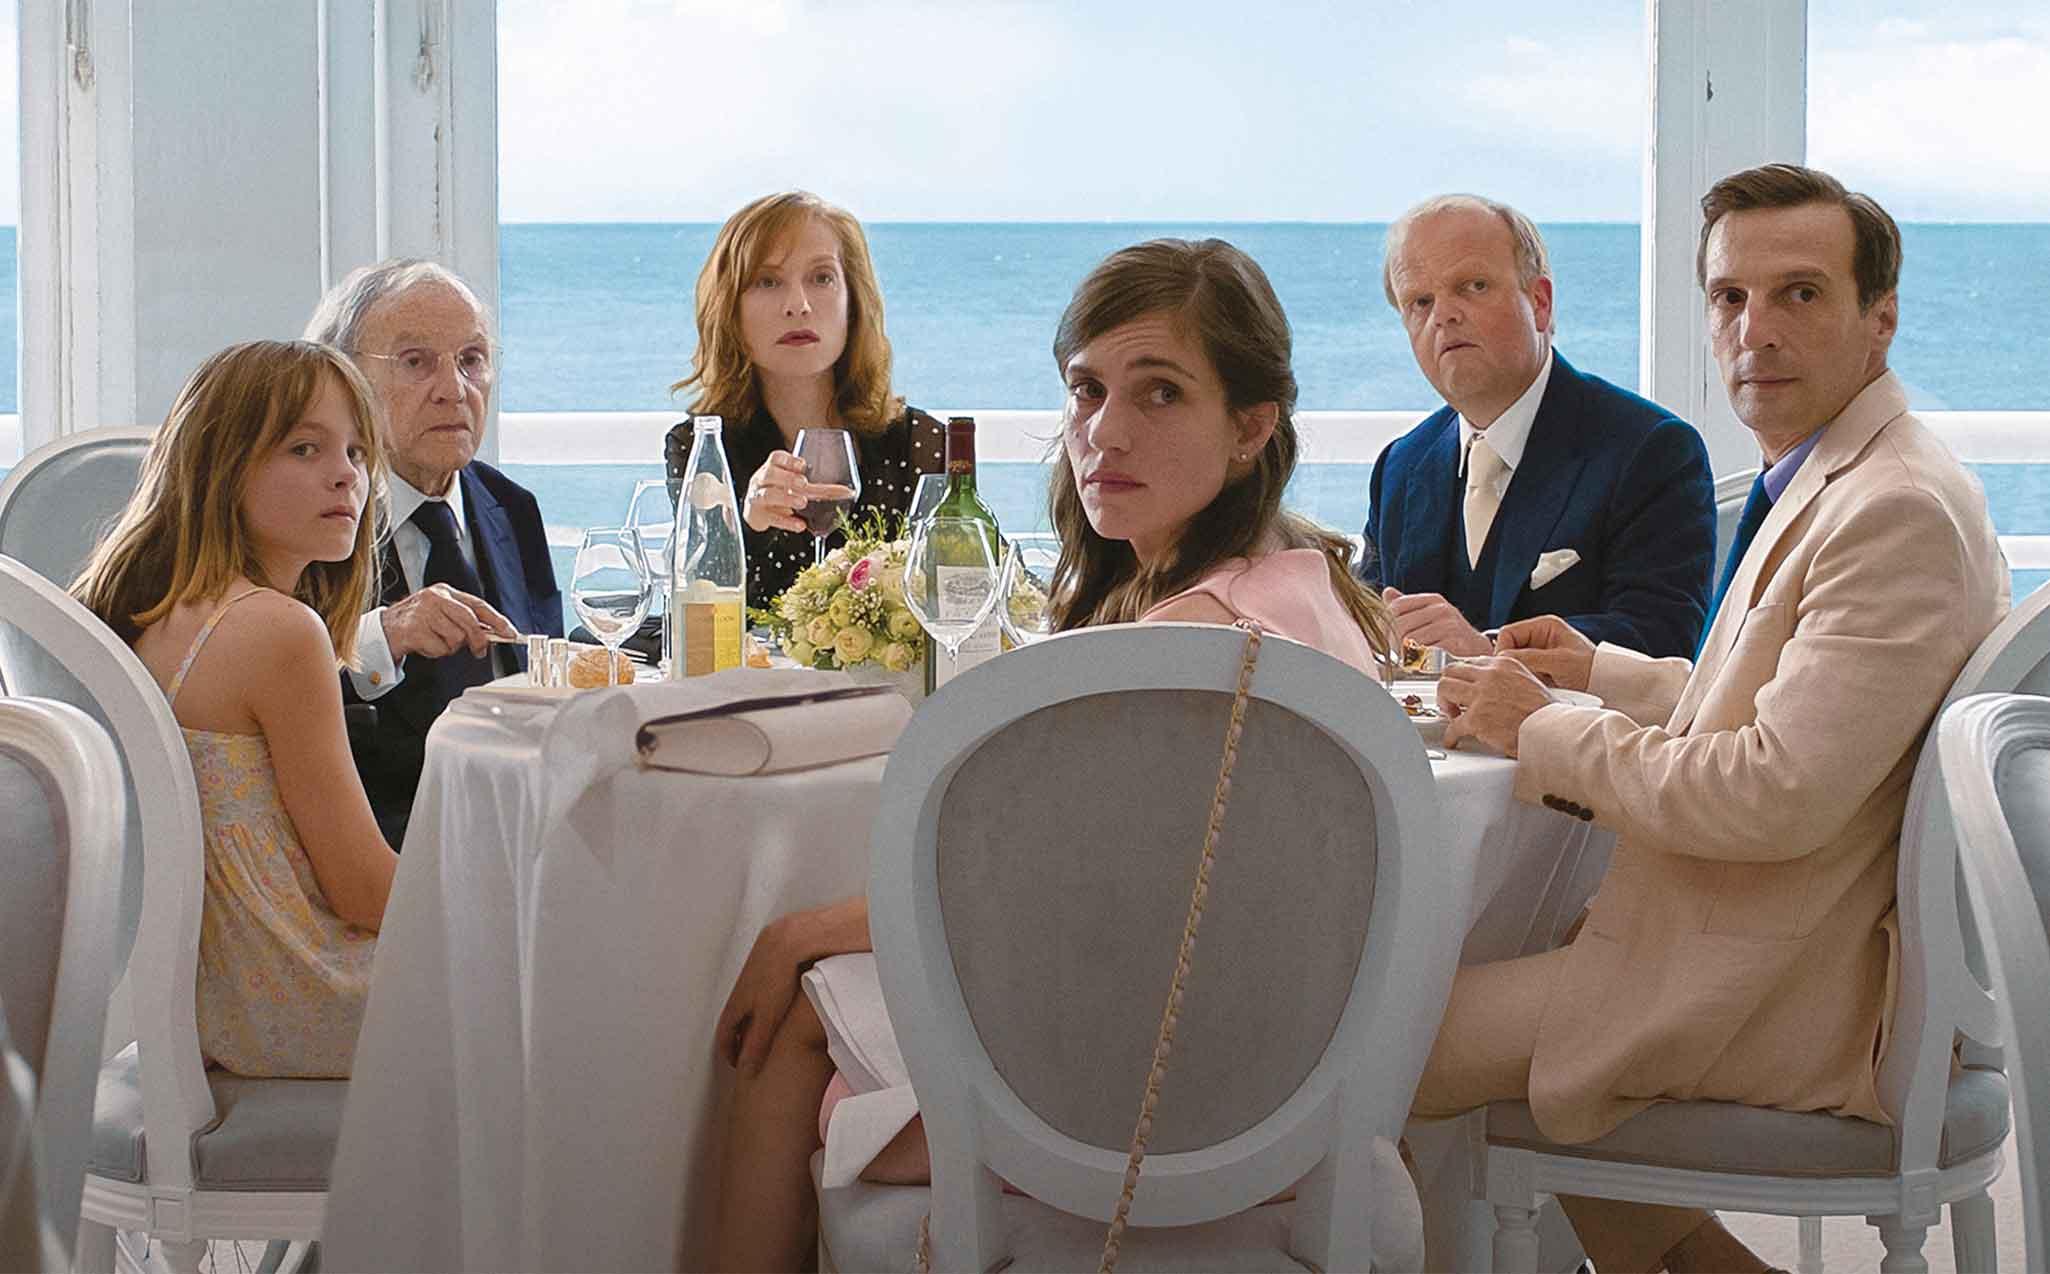 نقد و بررسی فیلم Happy End فیلمی کمدی-روانکاوانه از میشائیل هانکه